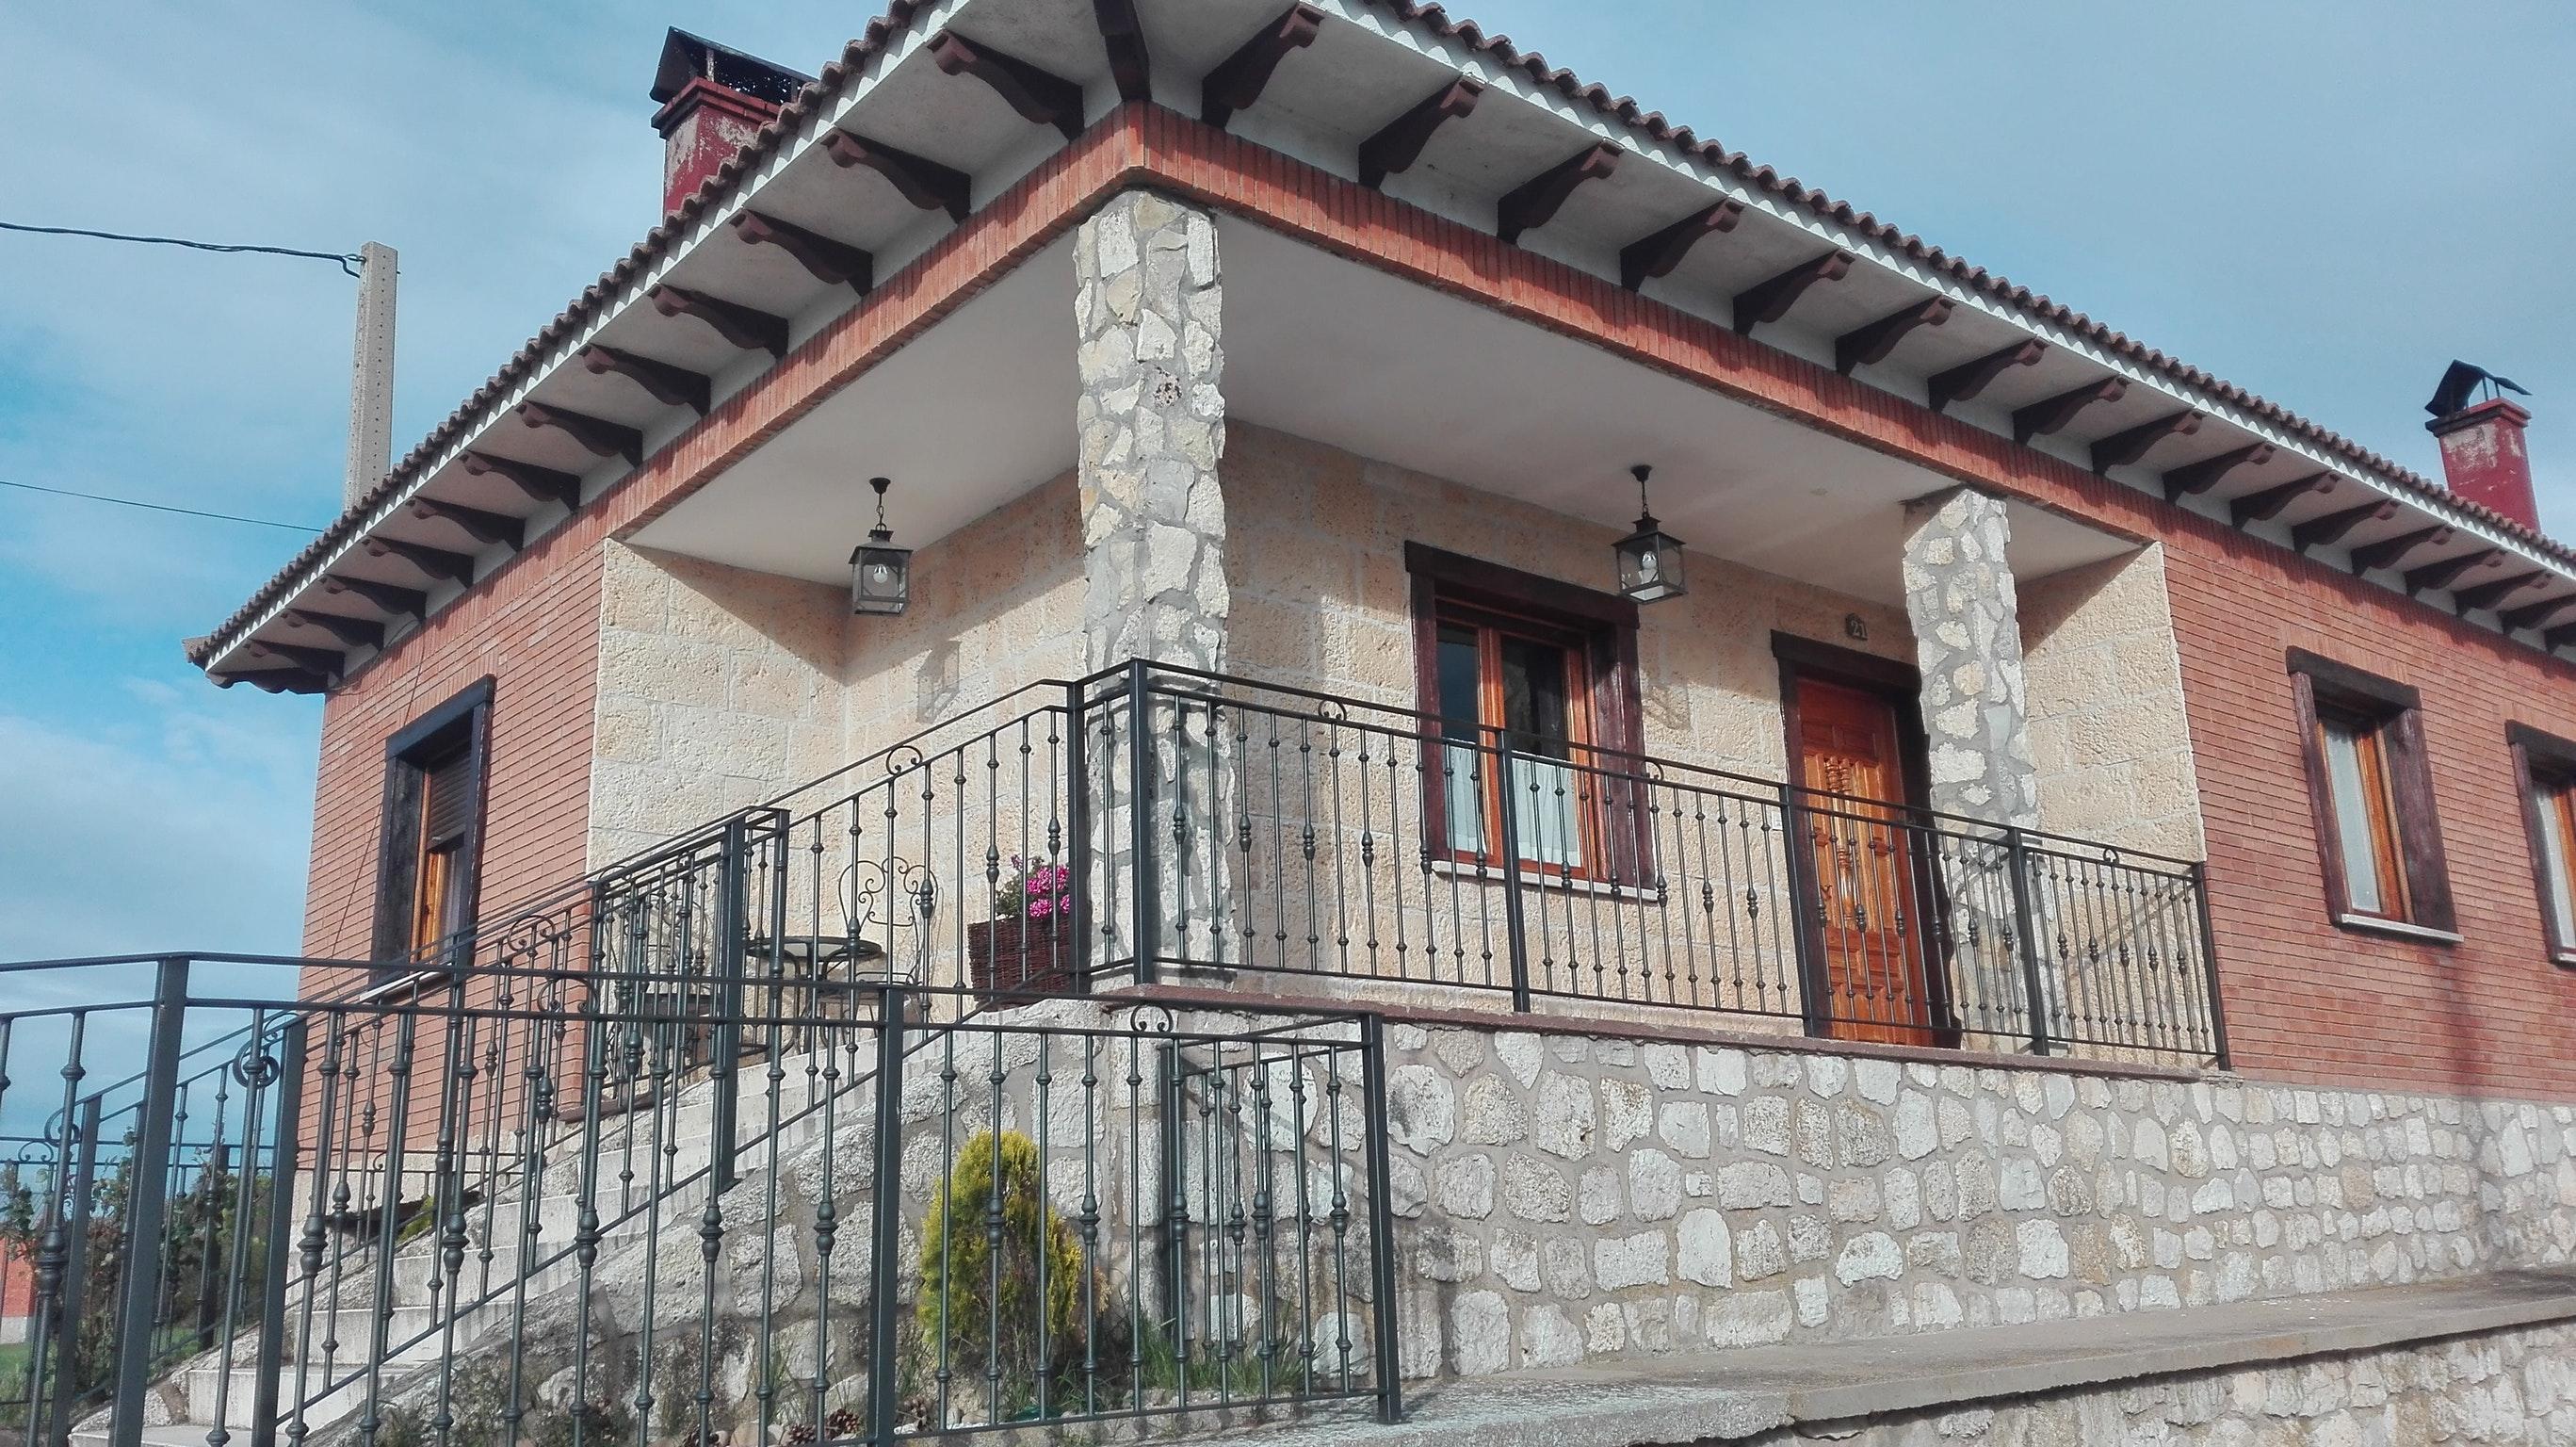 Ferienhaus Haus mit 3 Schlafzimmern in Peral de Arlanza mit eingezäuntem Garten (2201640), Peral de Arlanza, Palencia, Kastilien-León, Spanien, Bild 20